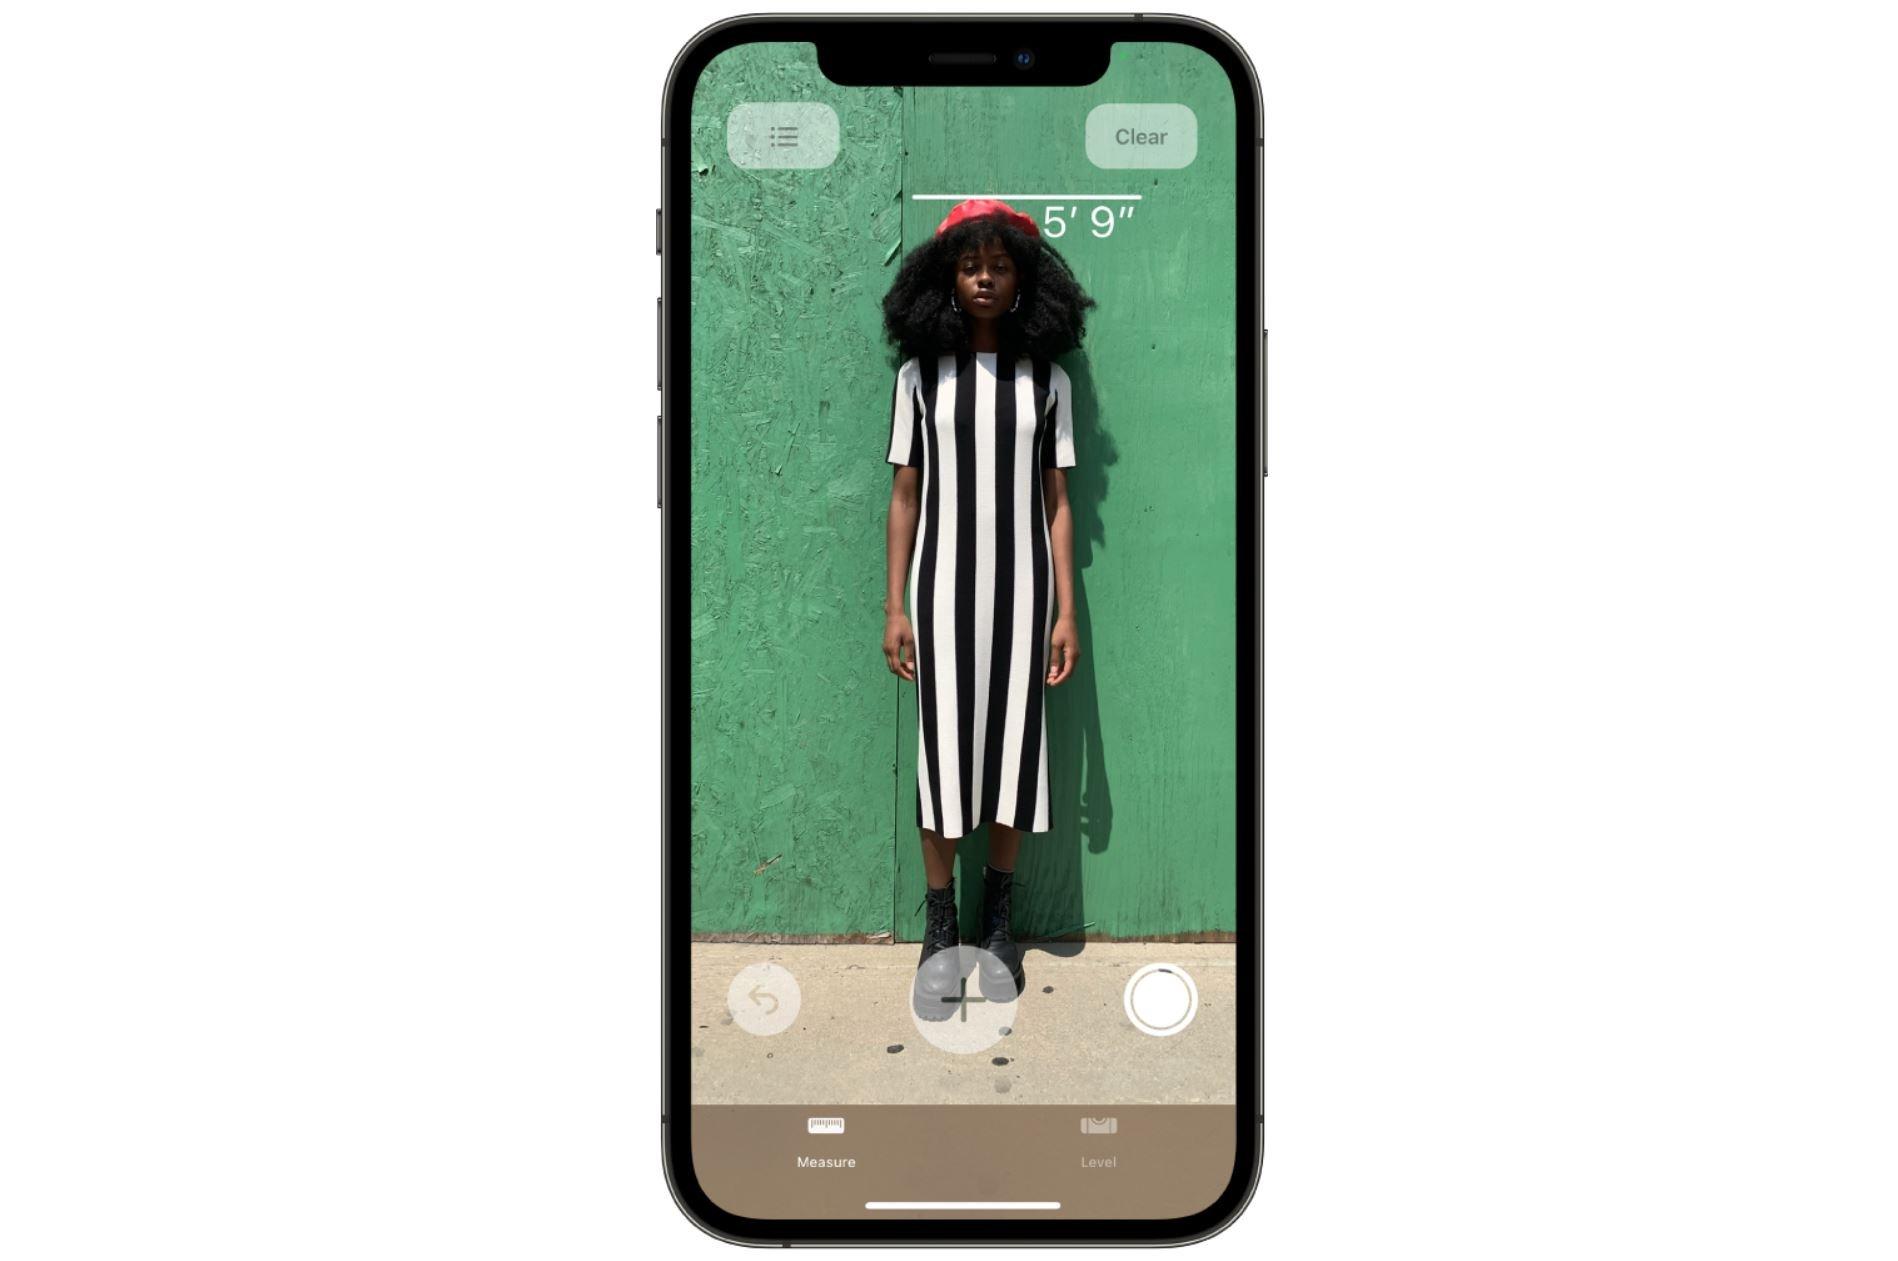 iPhone 12 Pro Sayesinde Birinin Boyunu Kolayca Ölçebilirsiniz